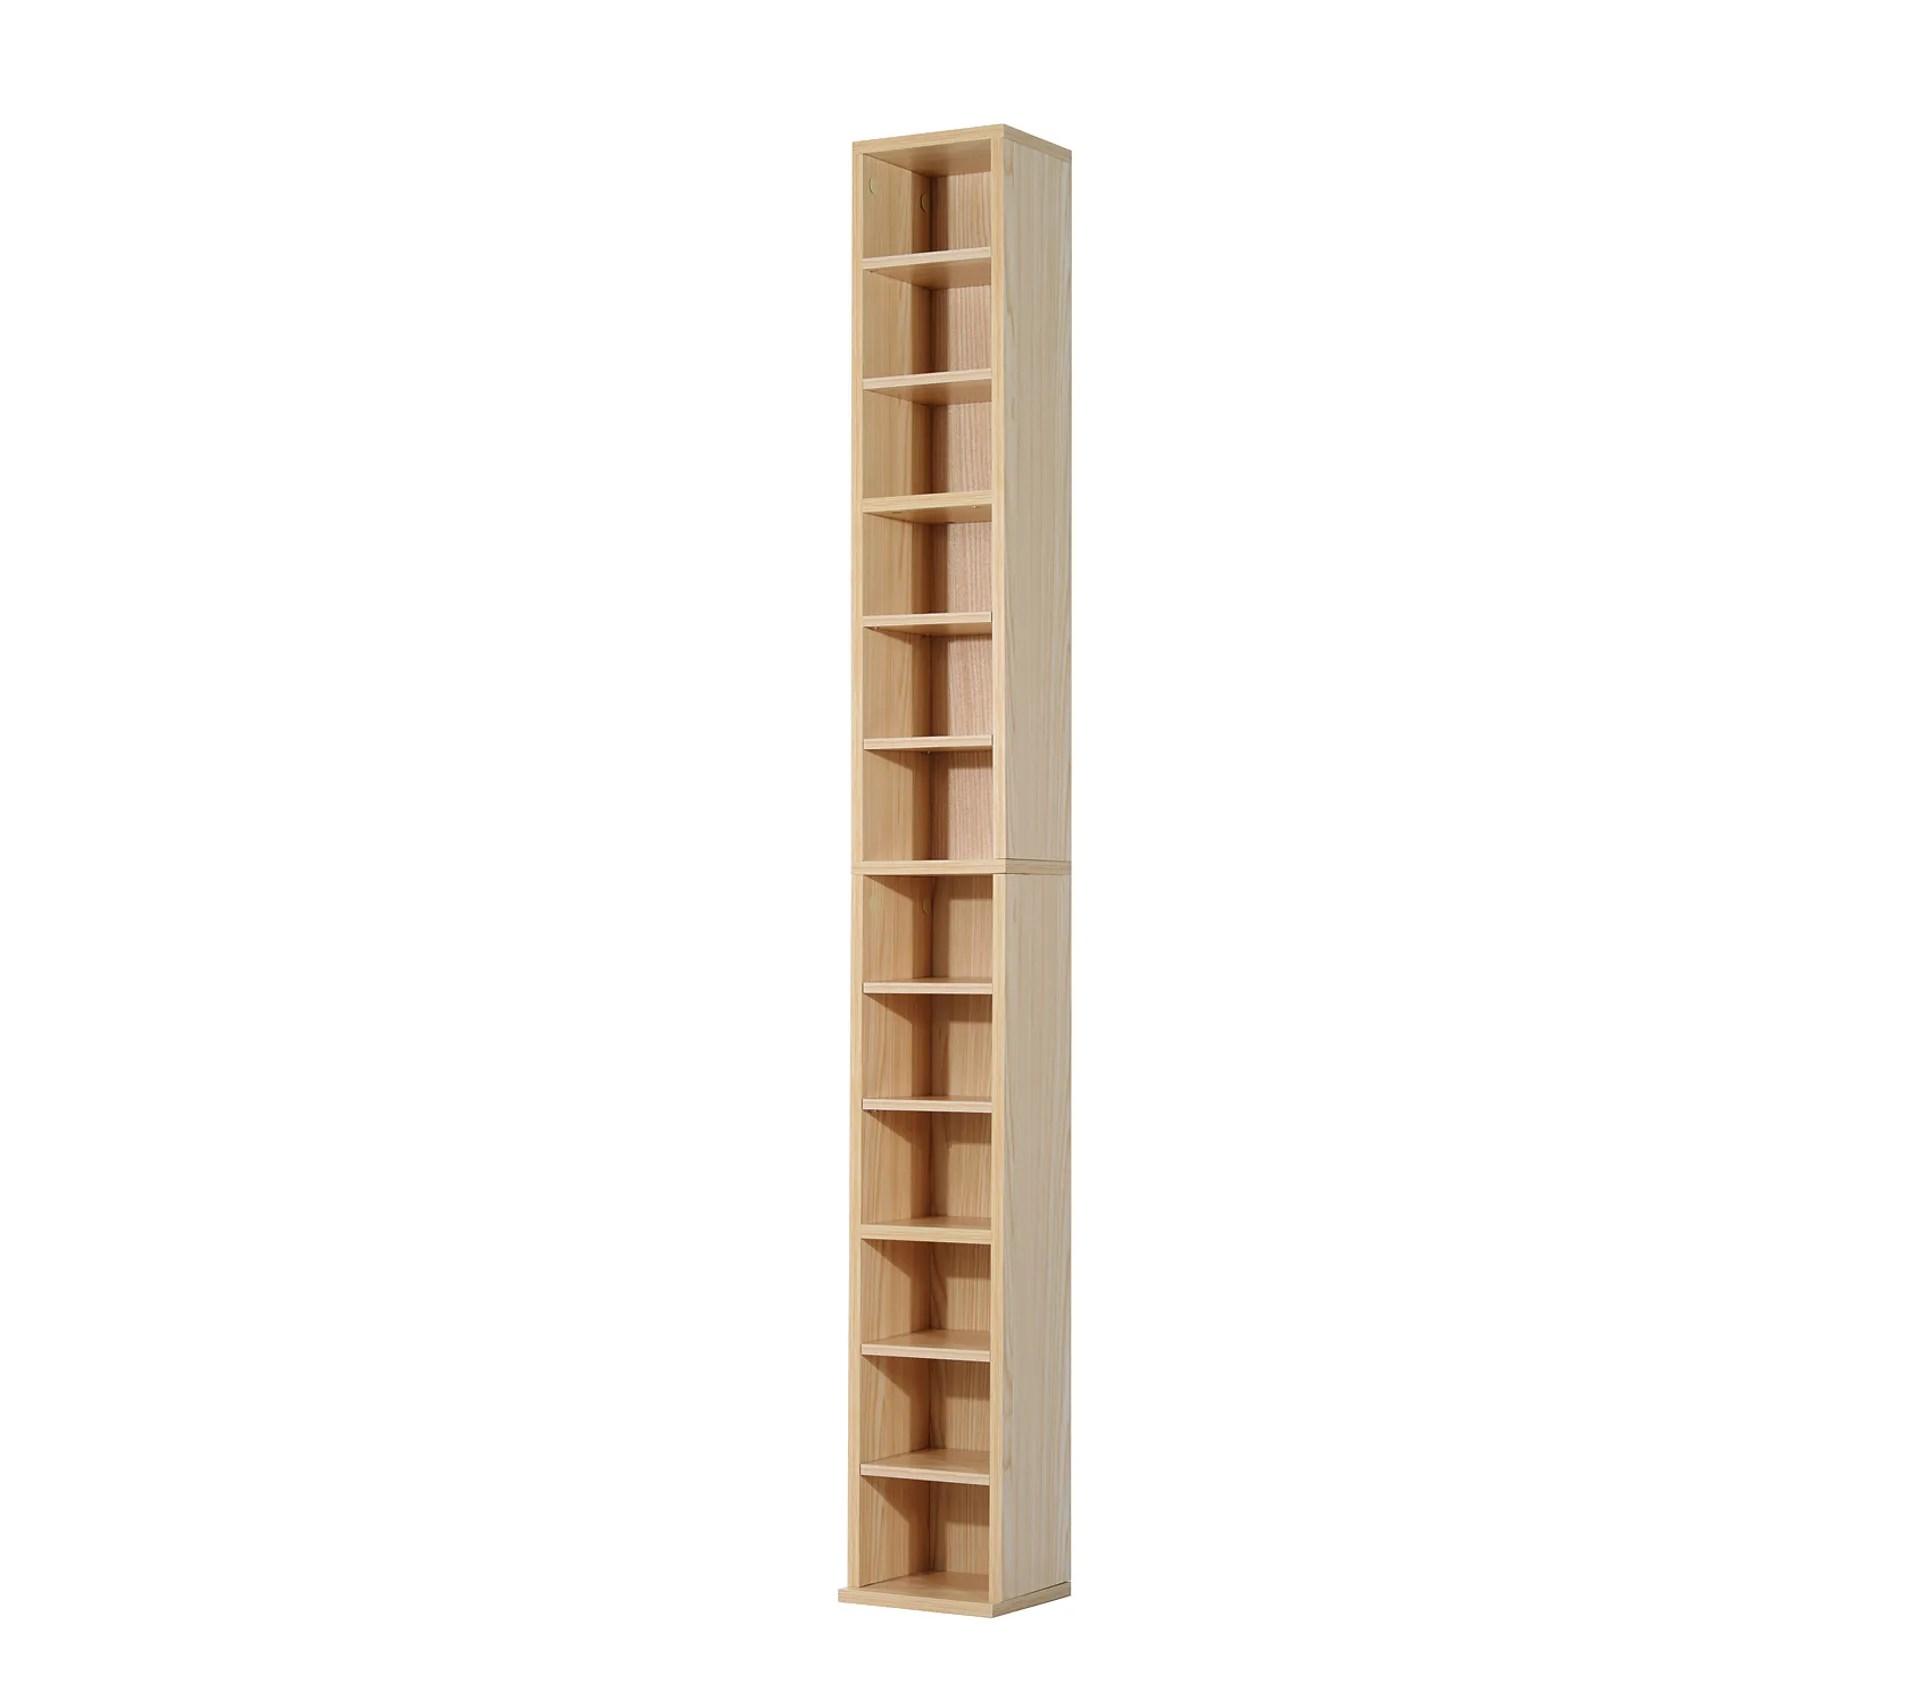 etagere colonne range cd dim 21l x 20l x 175h cm